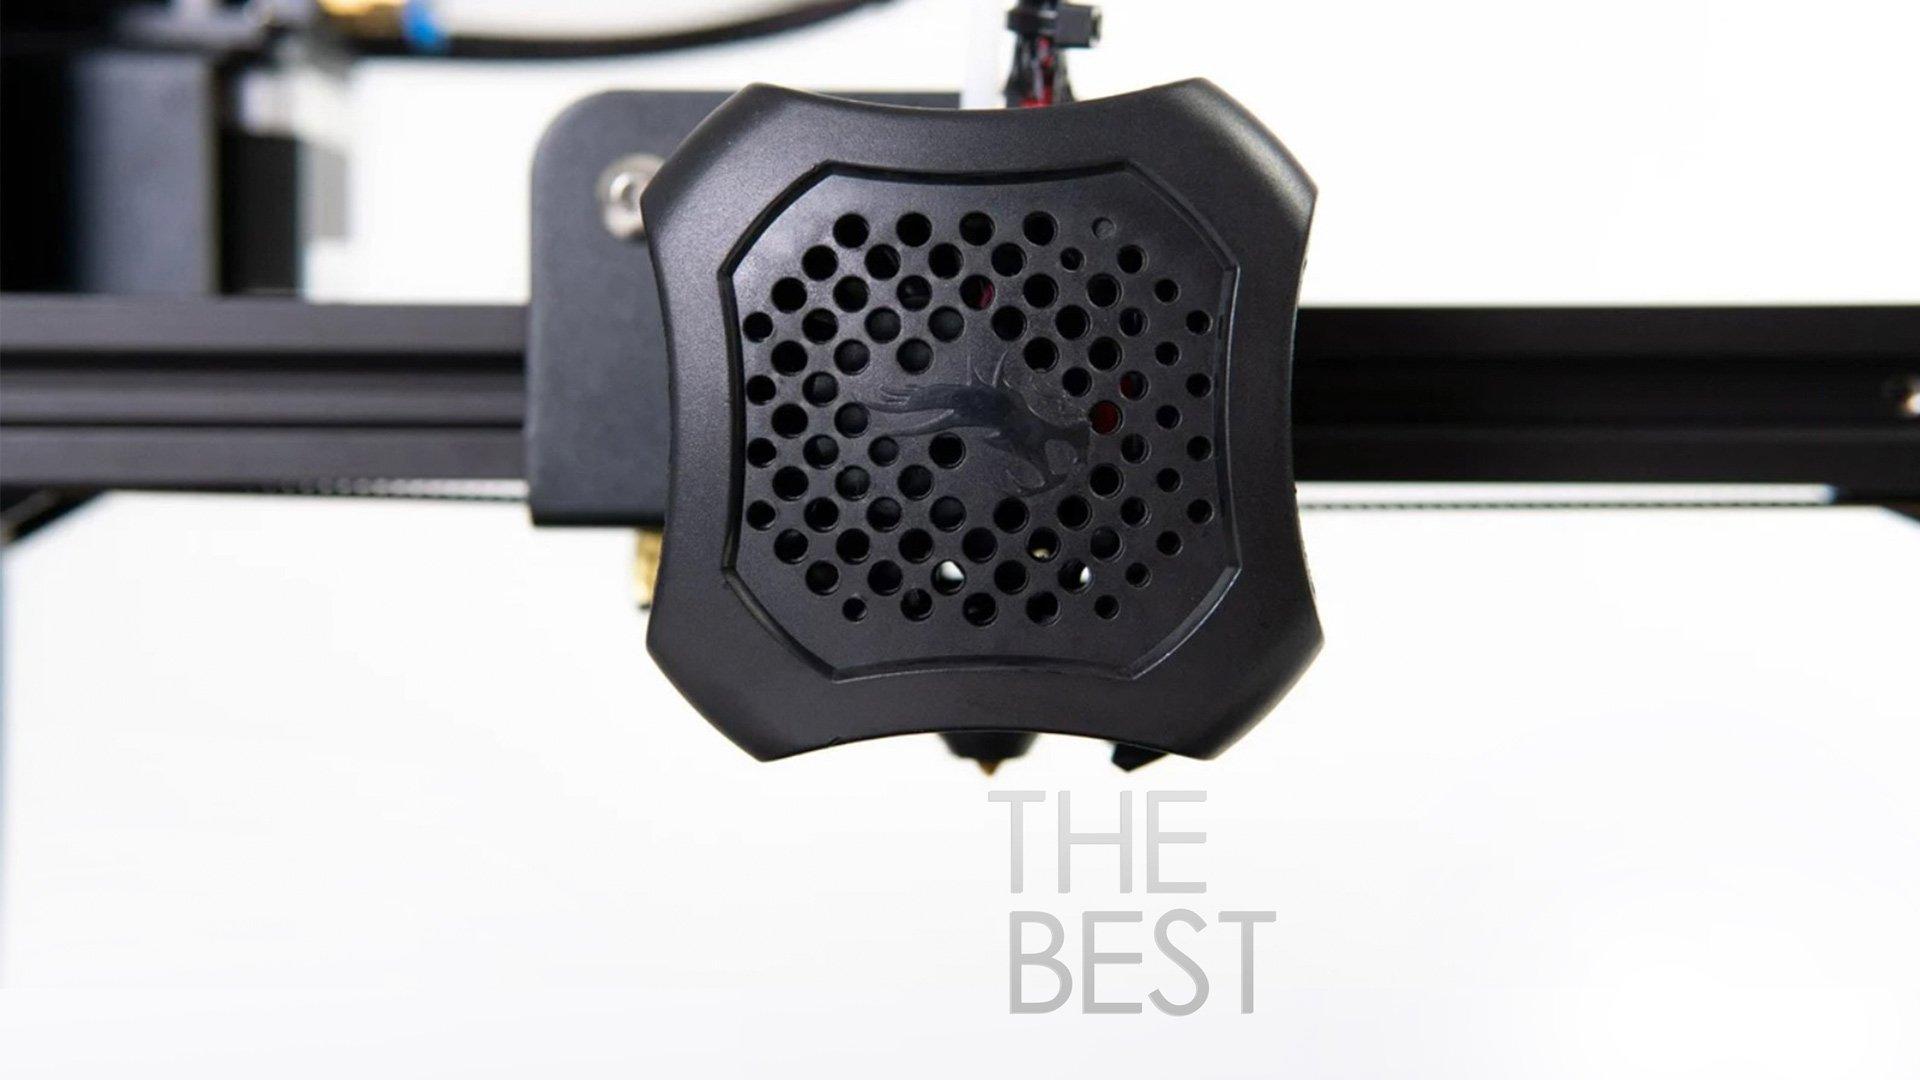 Les meilleures imprimantes3D pas chères en 2021 | All3DP